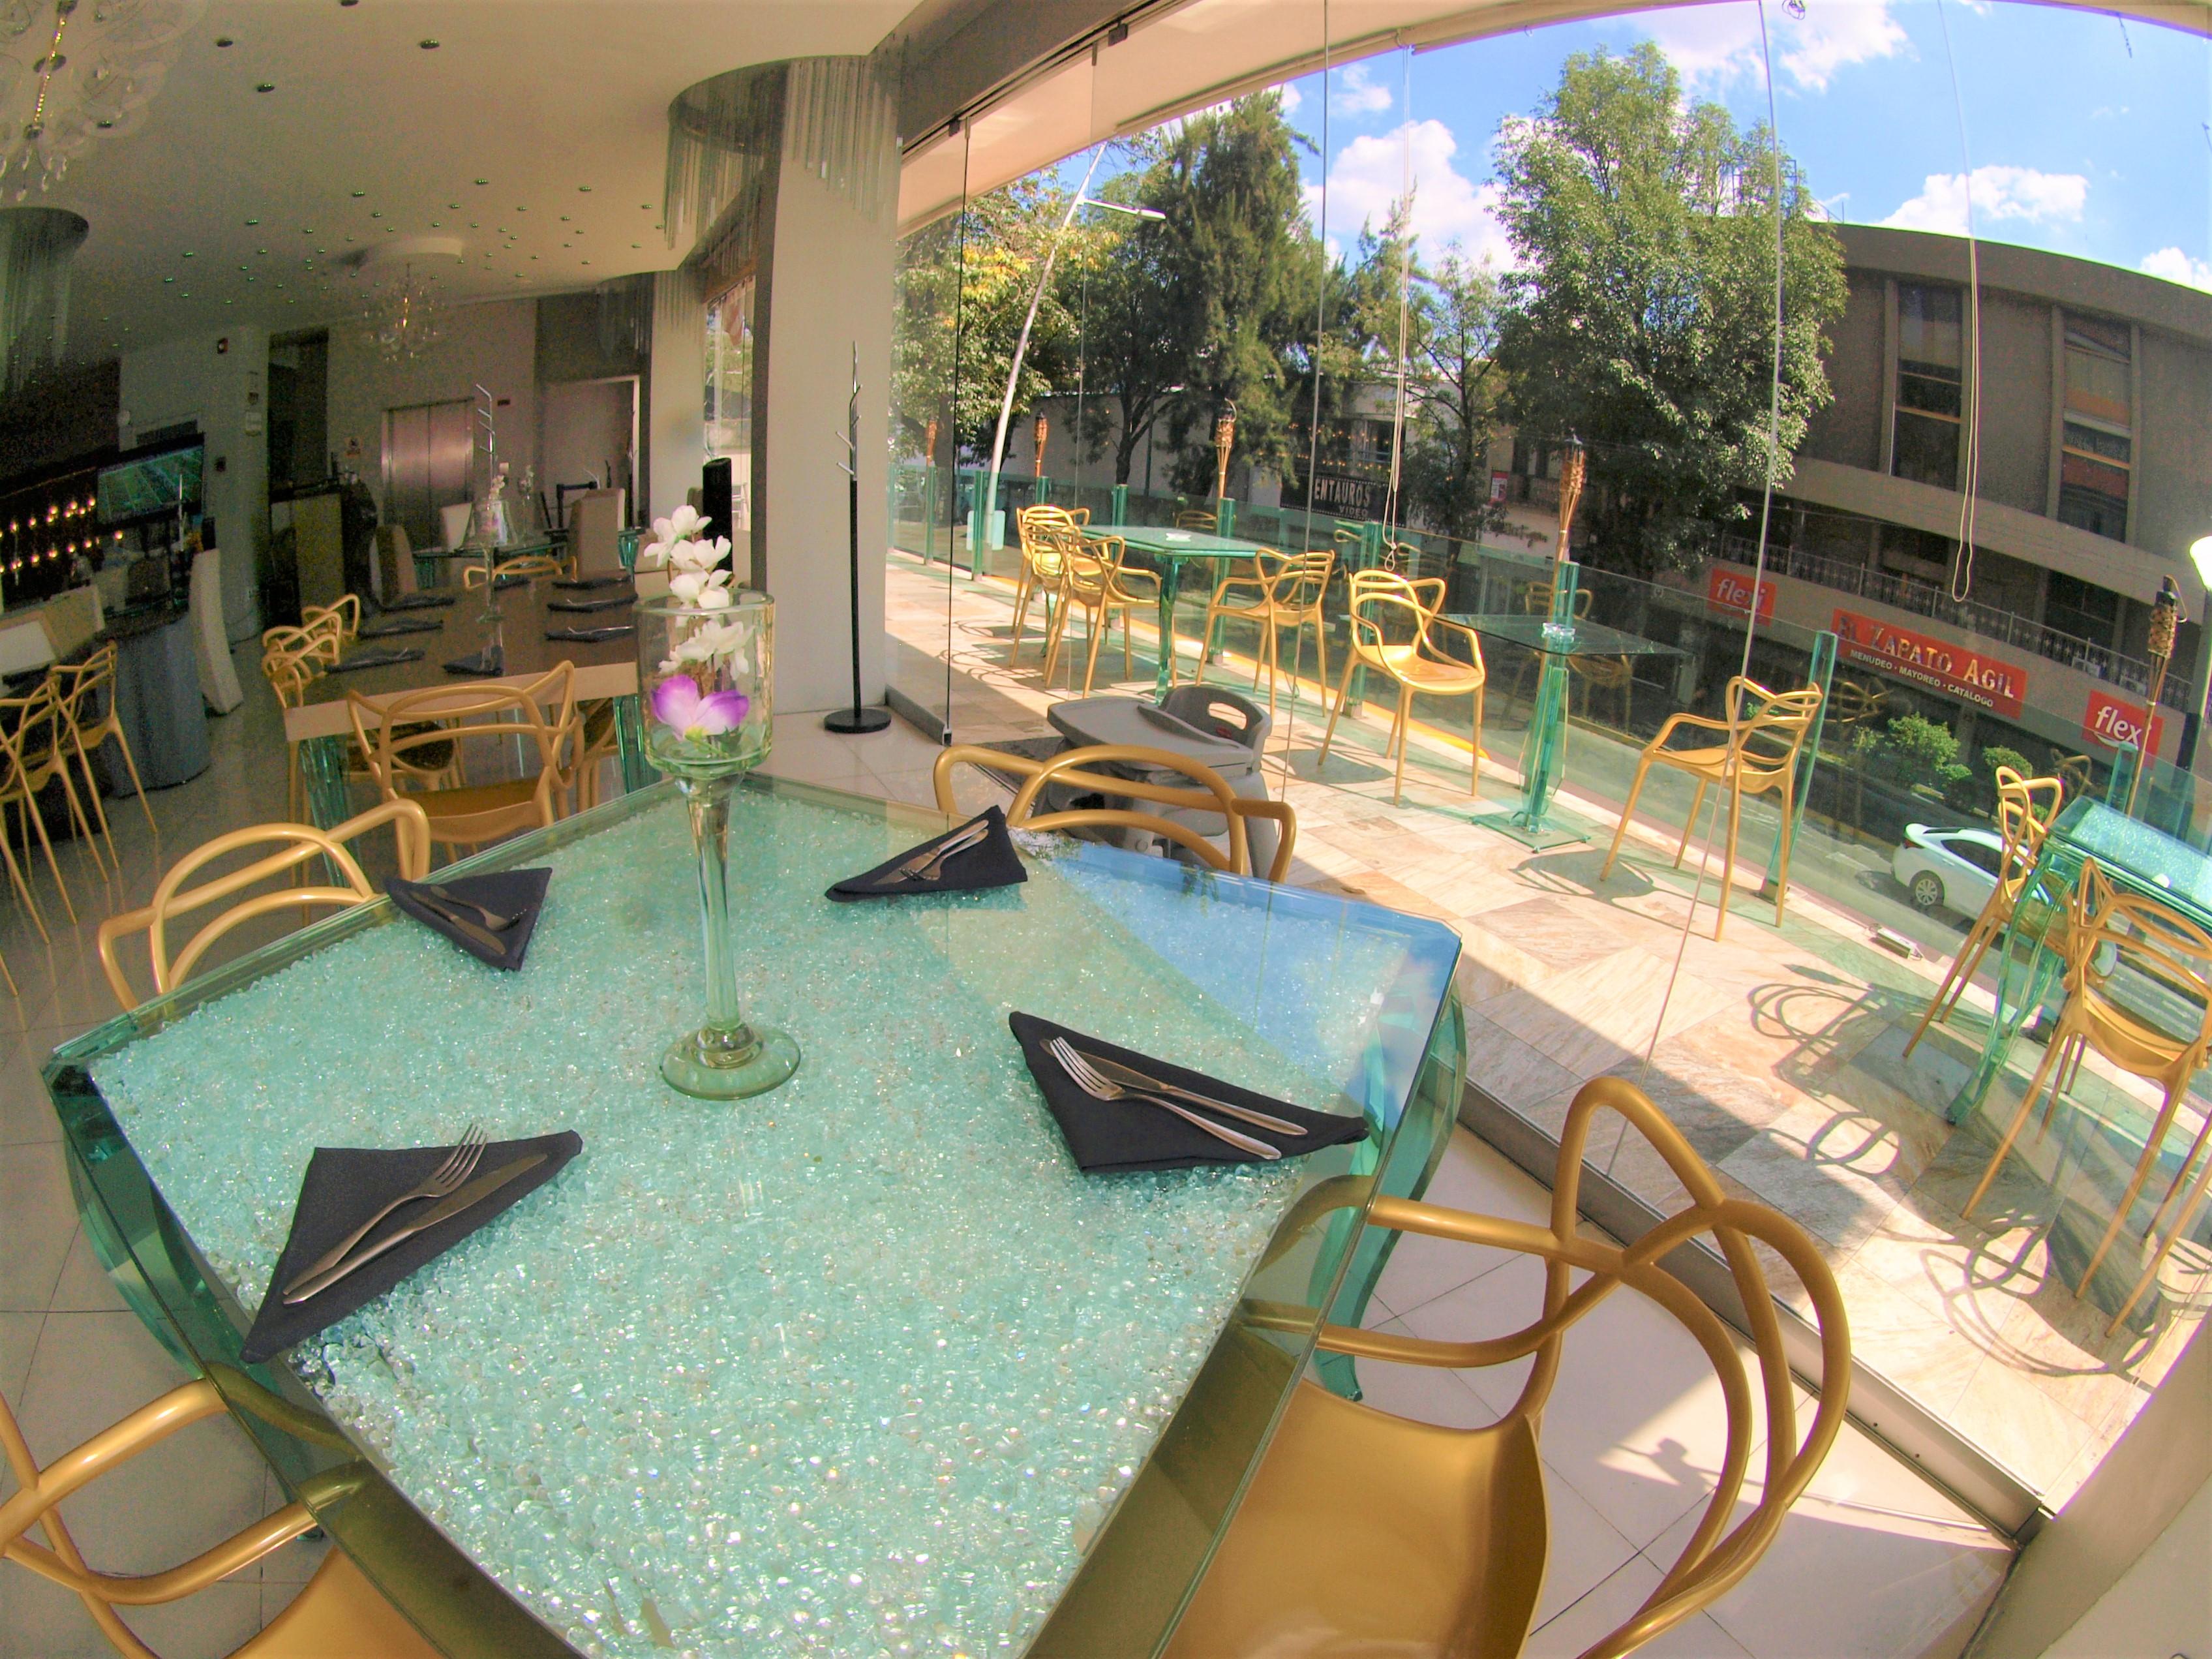 vista-restaurante1-bq80v